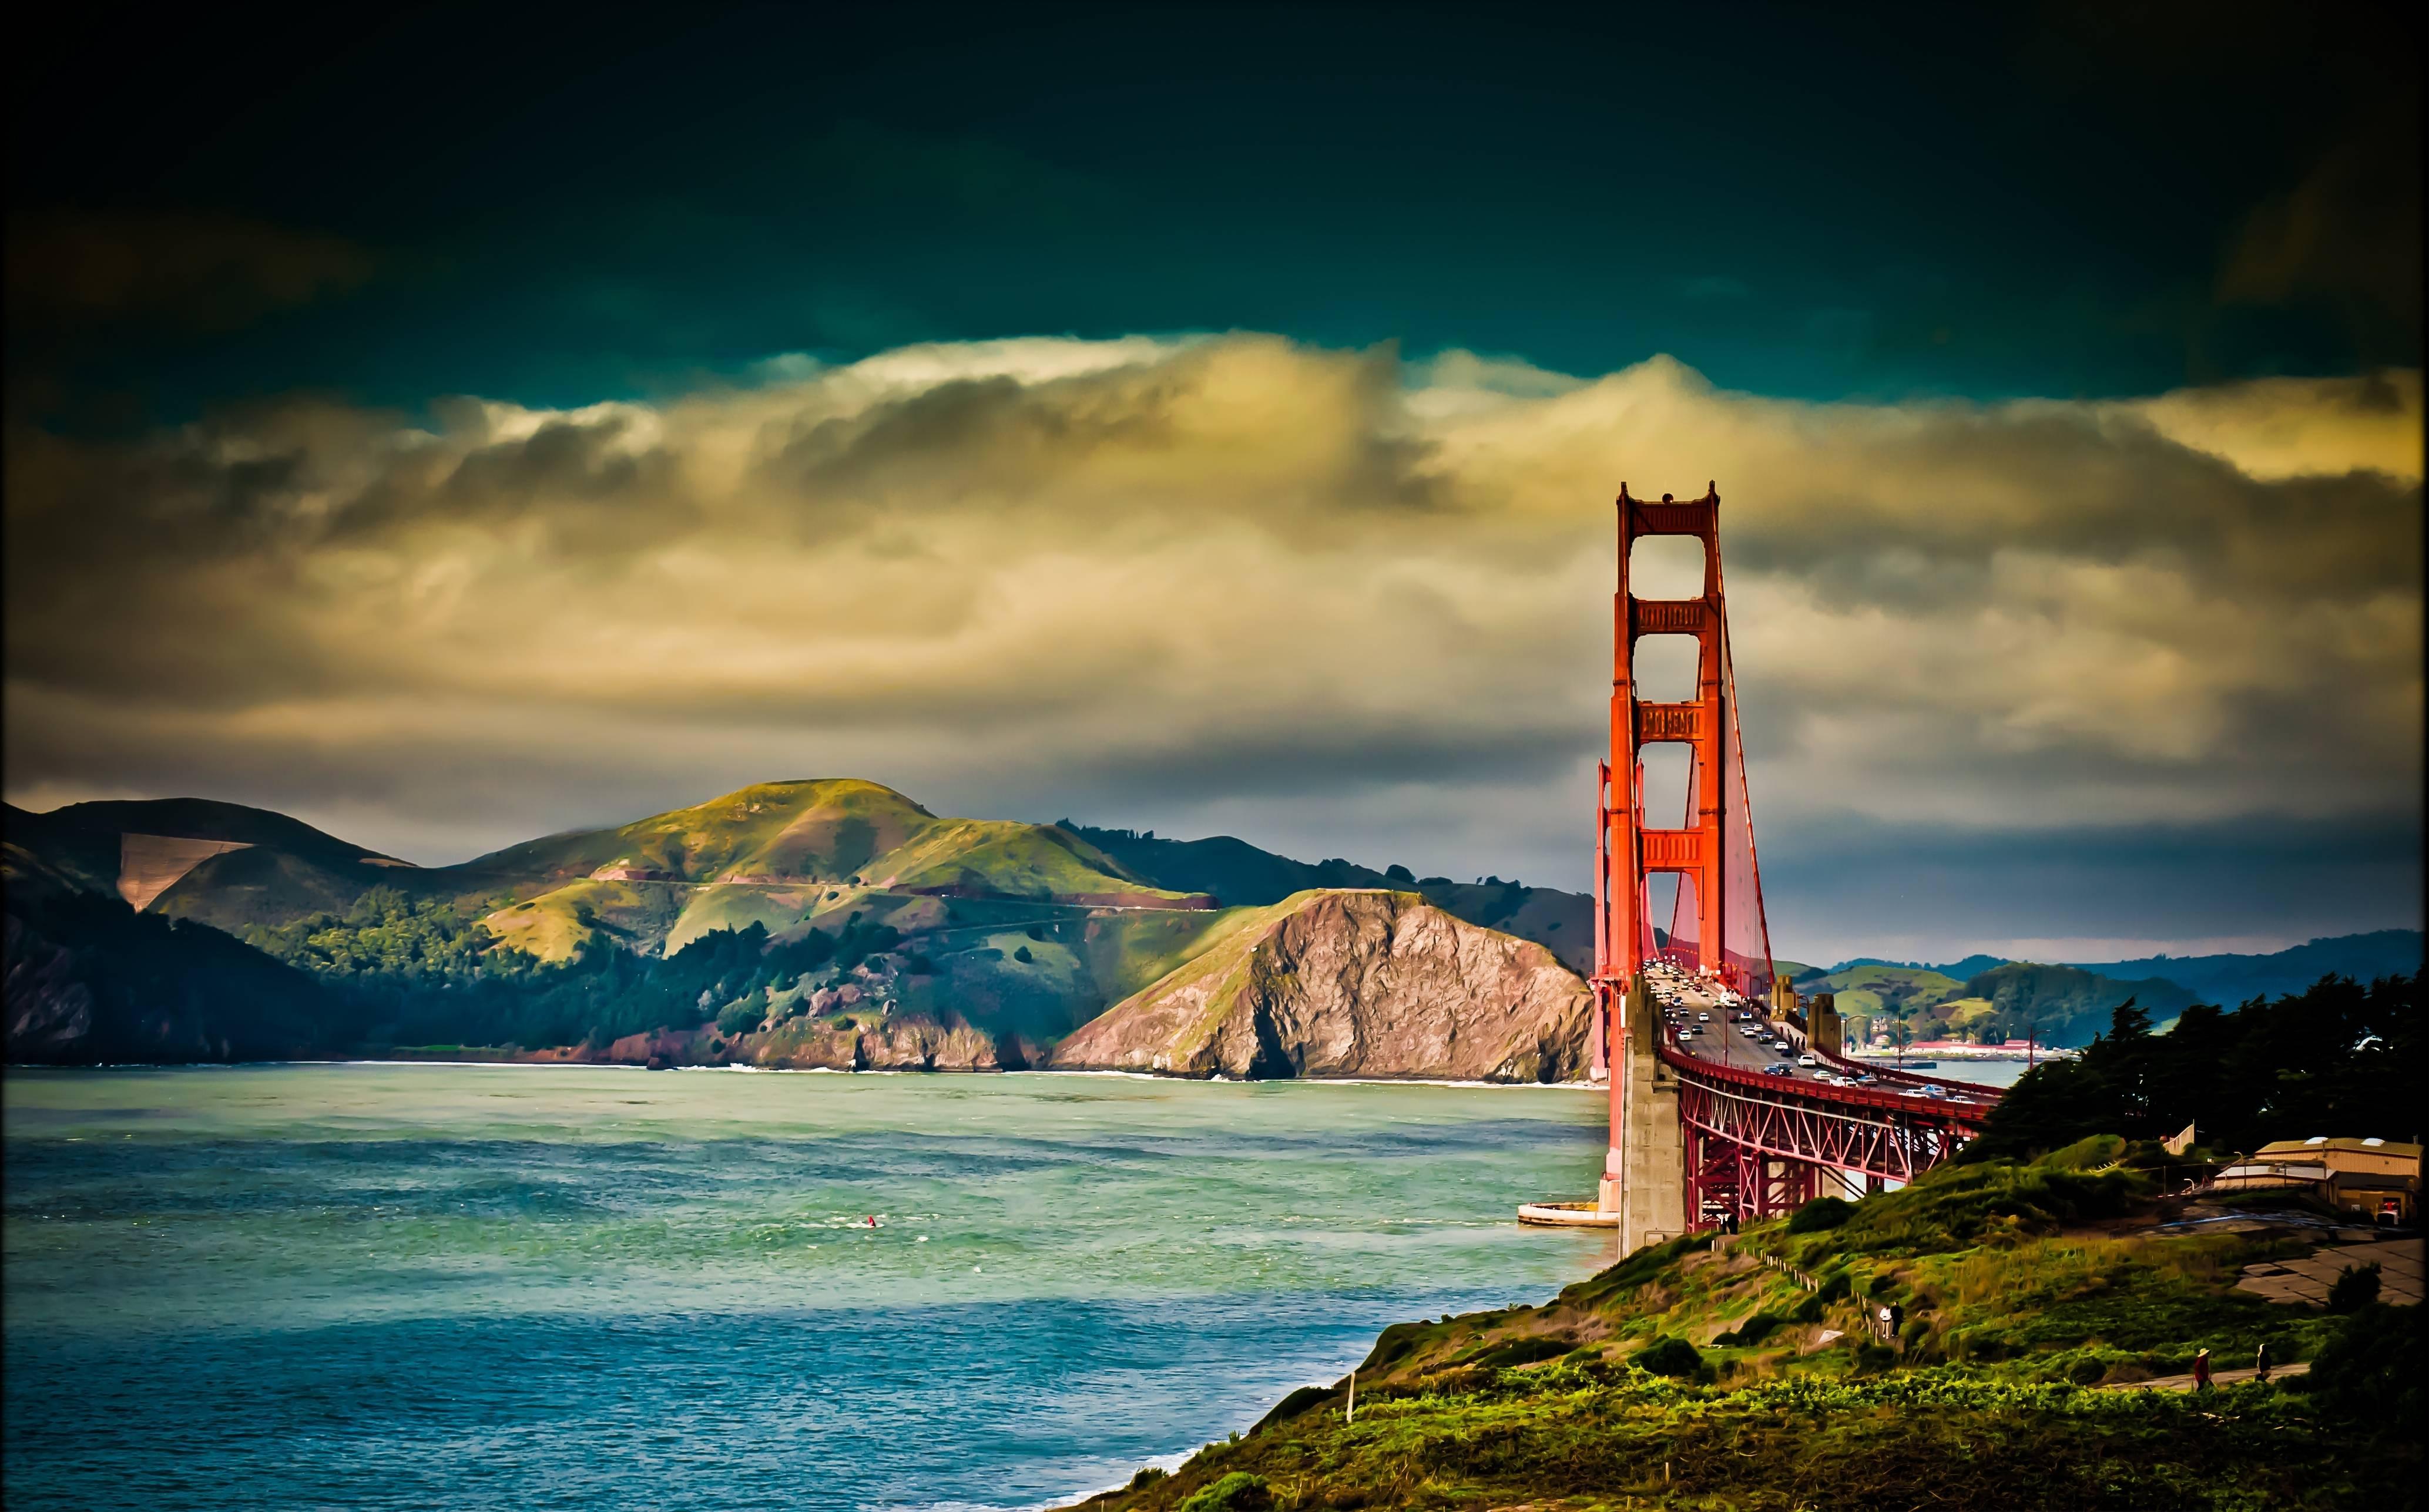 San Francisco Desktop Wallpaper | San Francisco Images | New ...